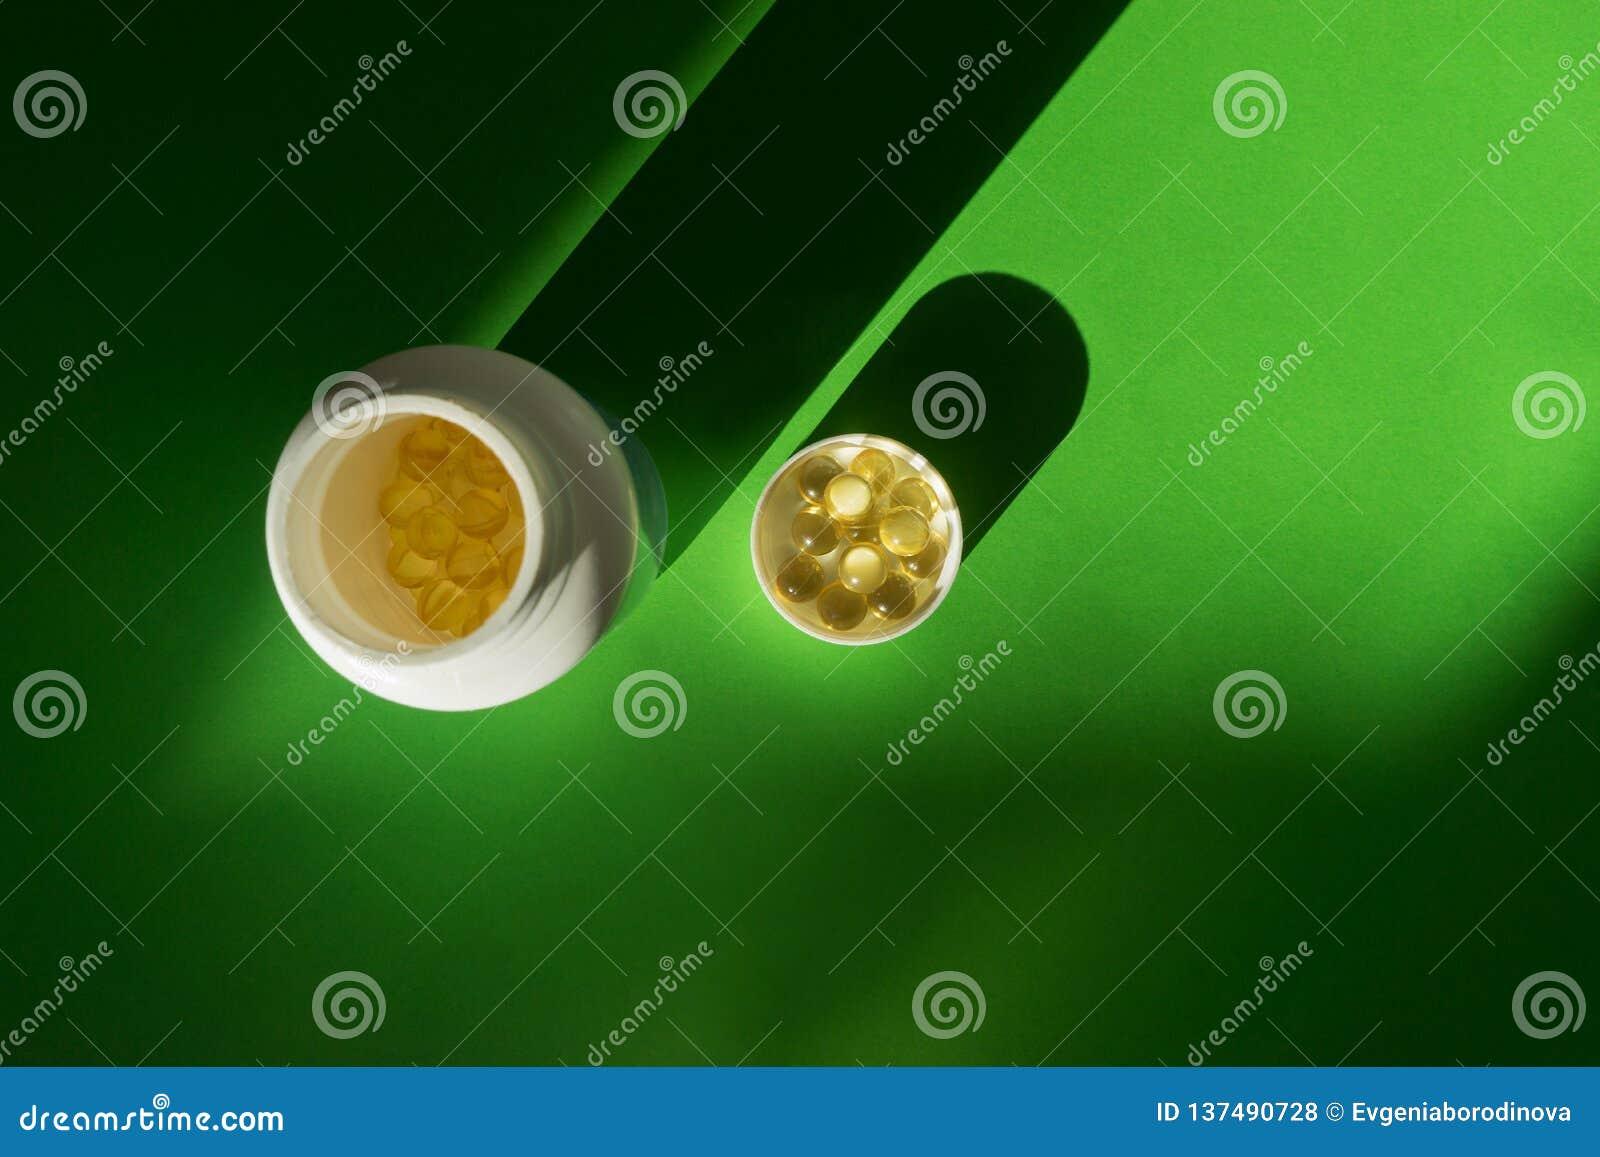 Fermez-vous des capsules remplies d huile de complément alimentaire appropriées à : huile de poisson, Omega 3, Omega 6, Omega 9,